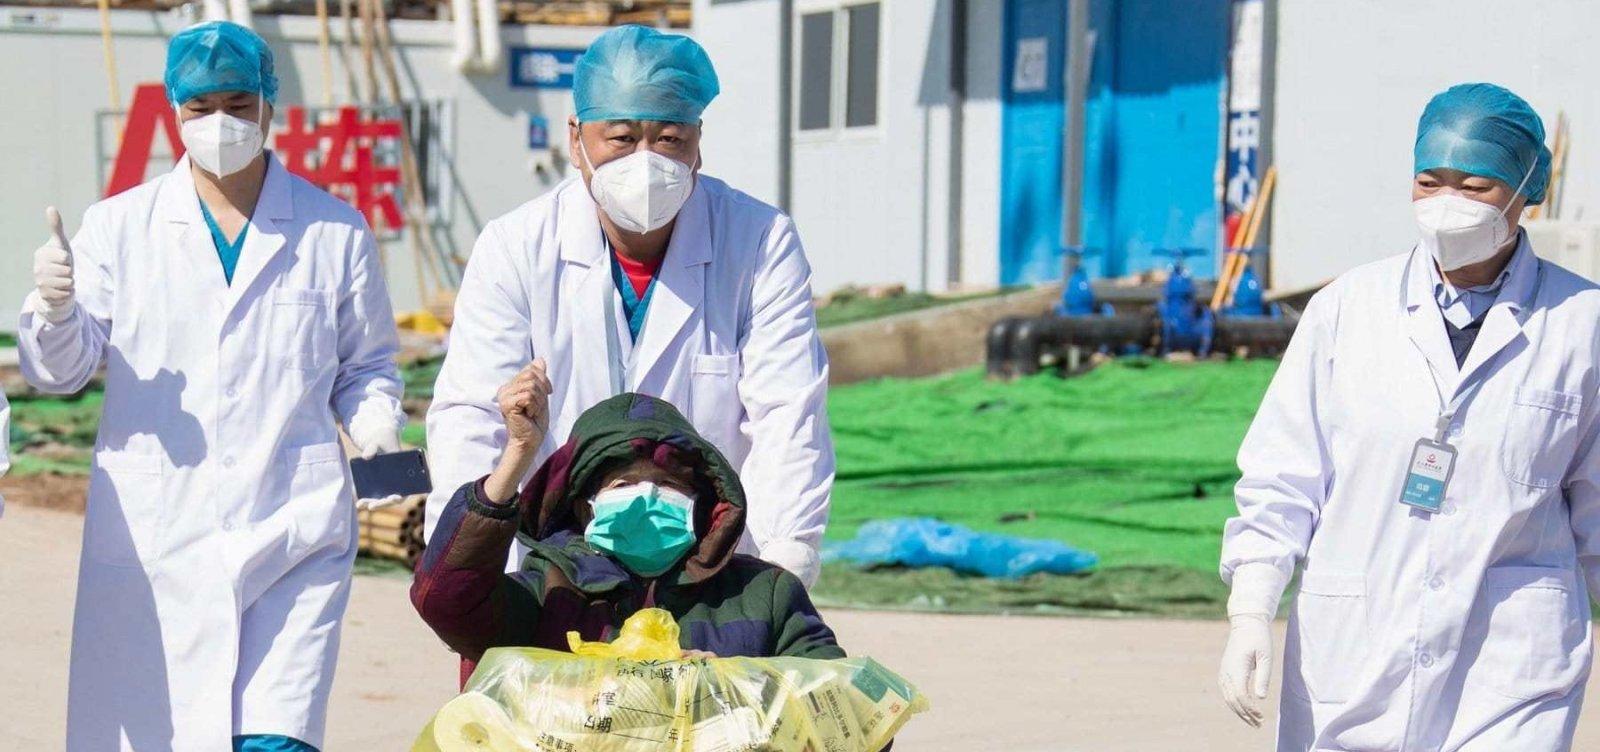 [Mais de 1,5 milhão de pessoas já estão curadas de coronavírus no mundo]